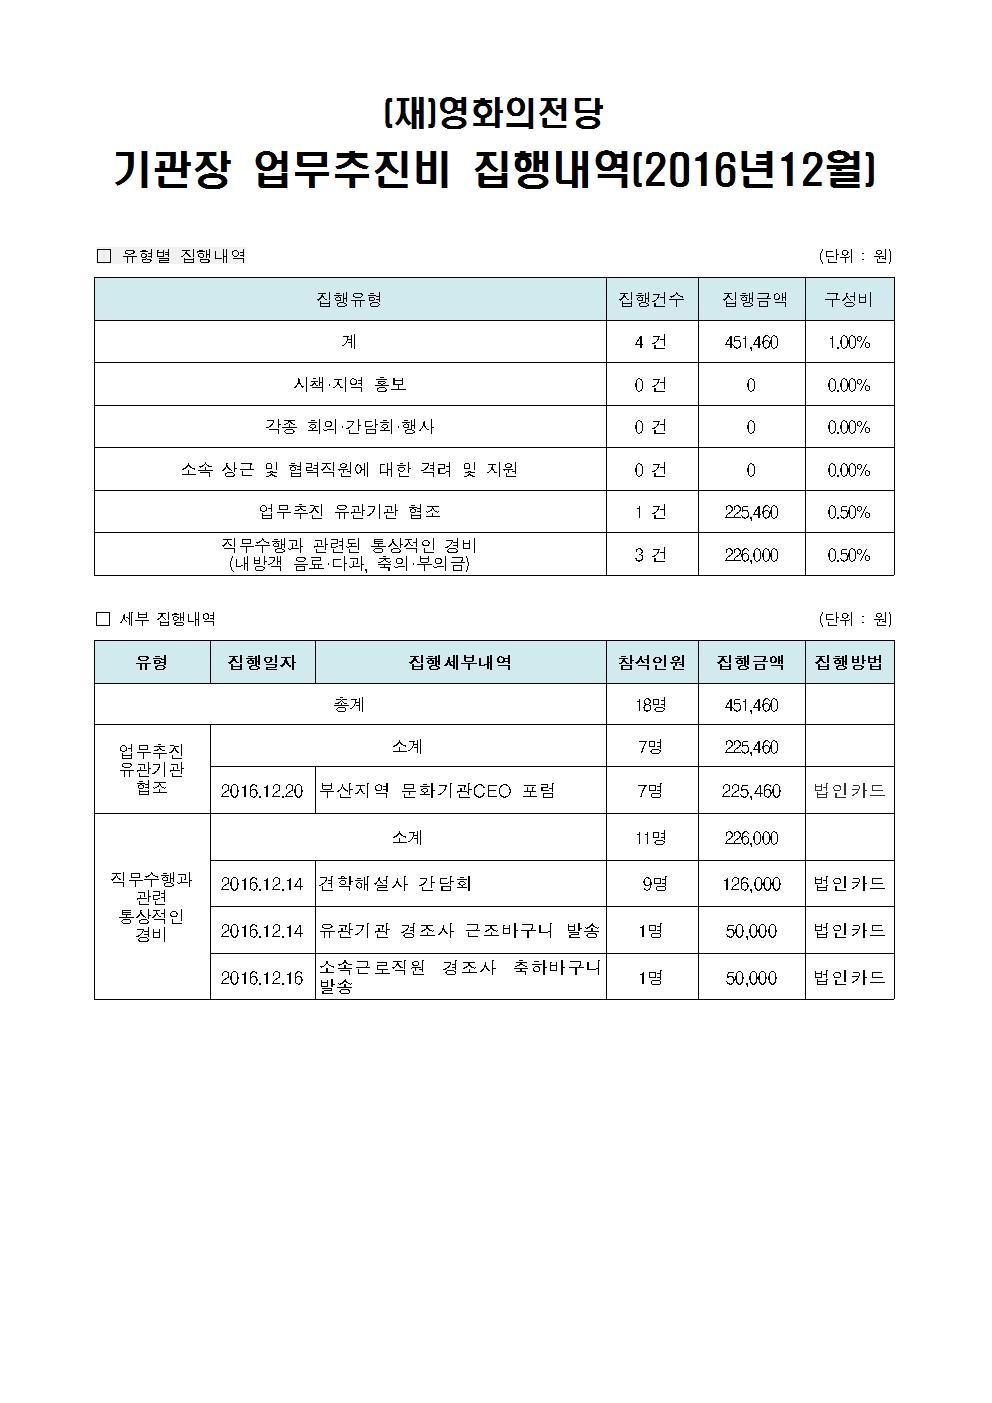 기관장 업무추진비 공개(2016.12.)